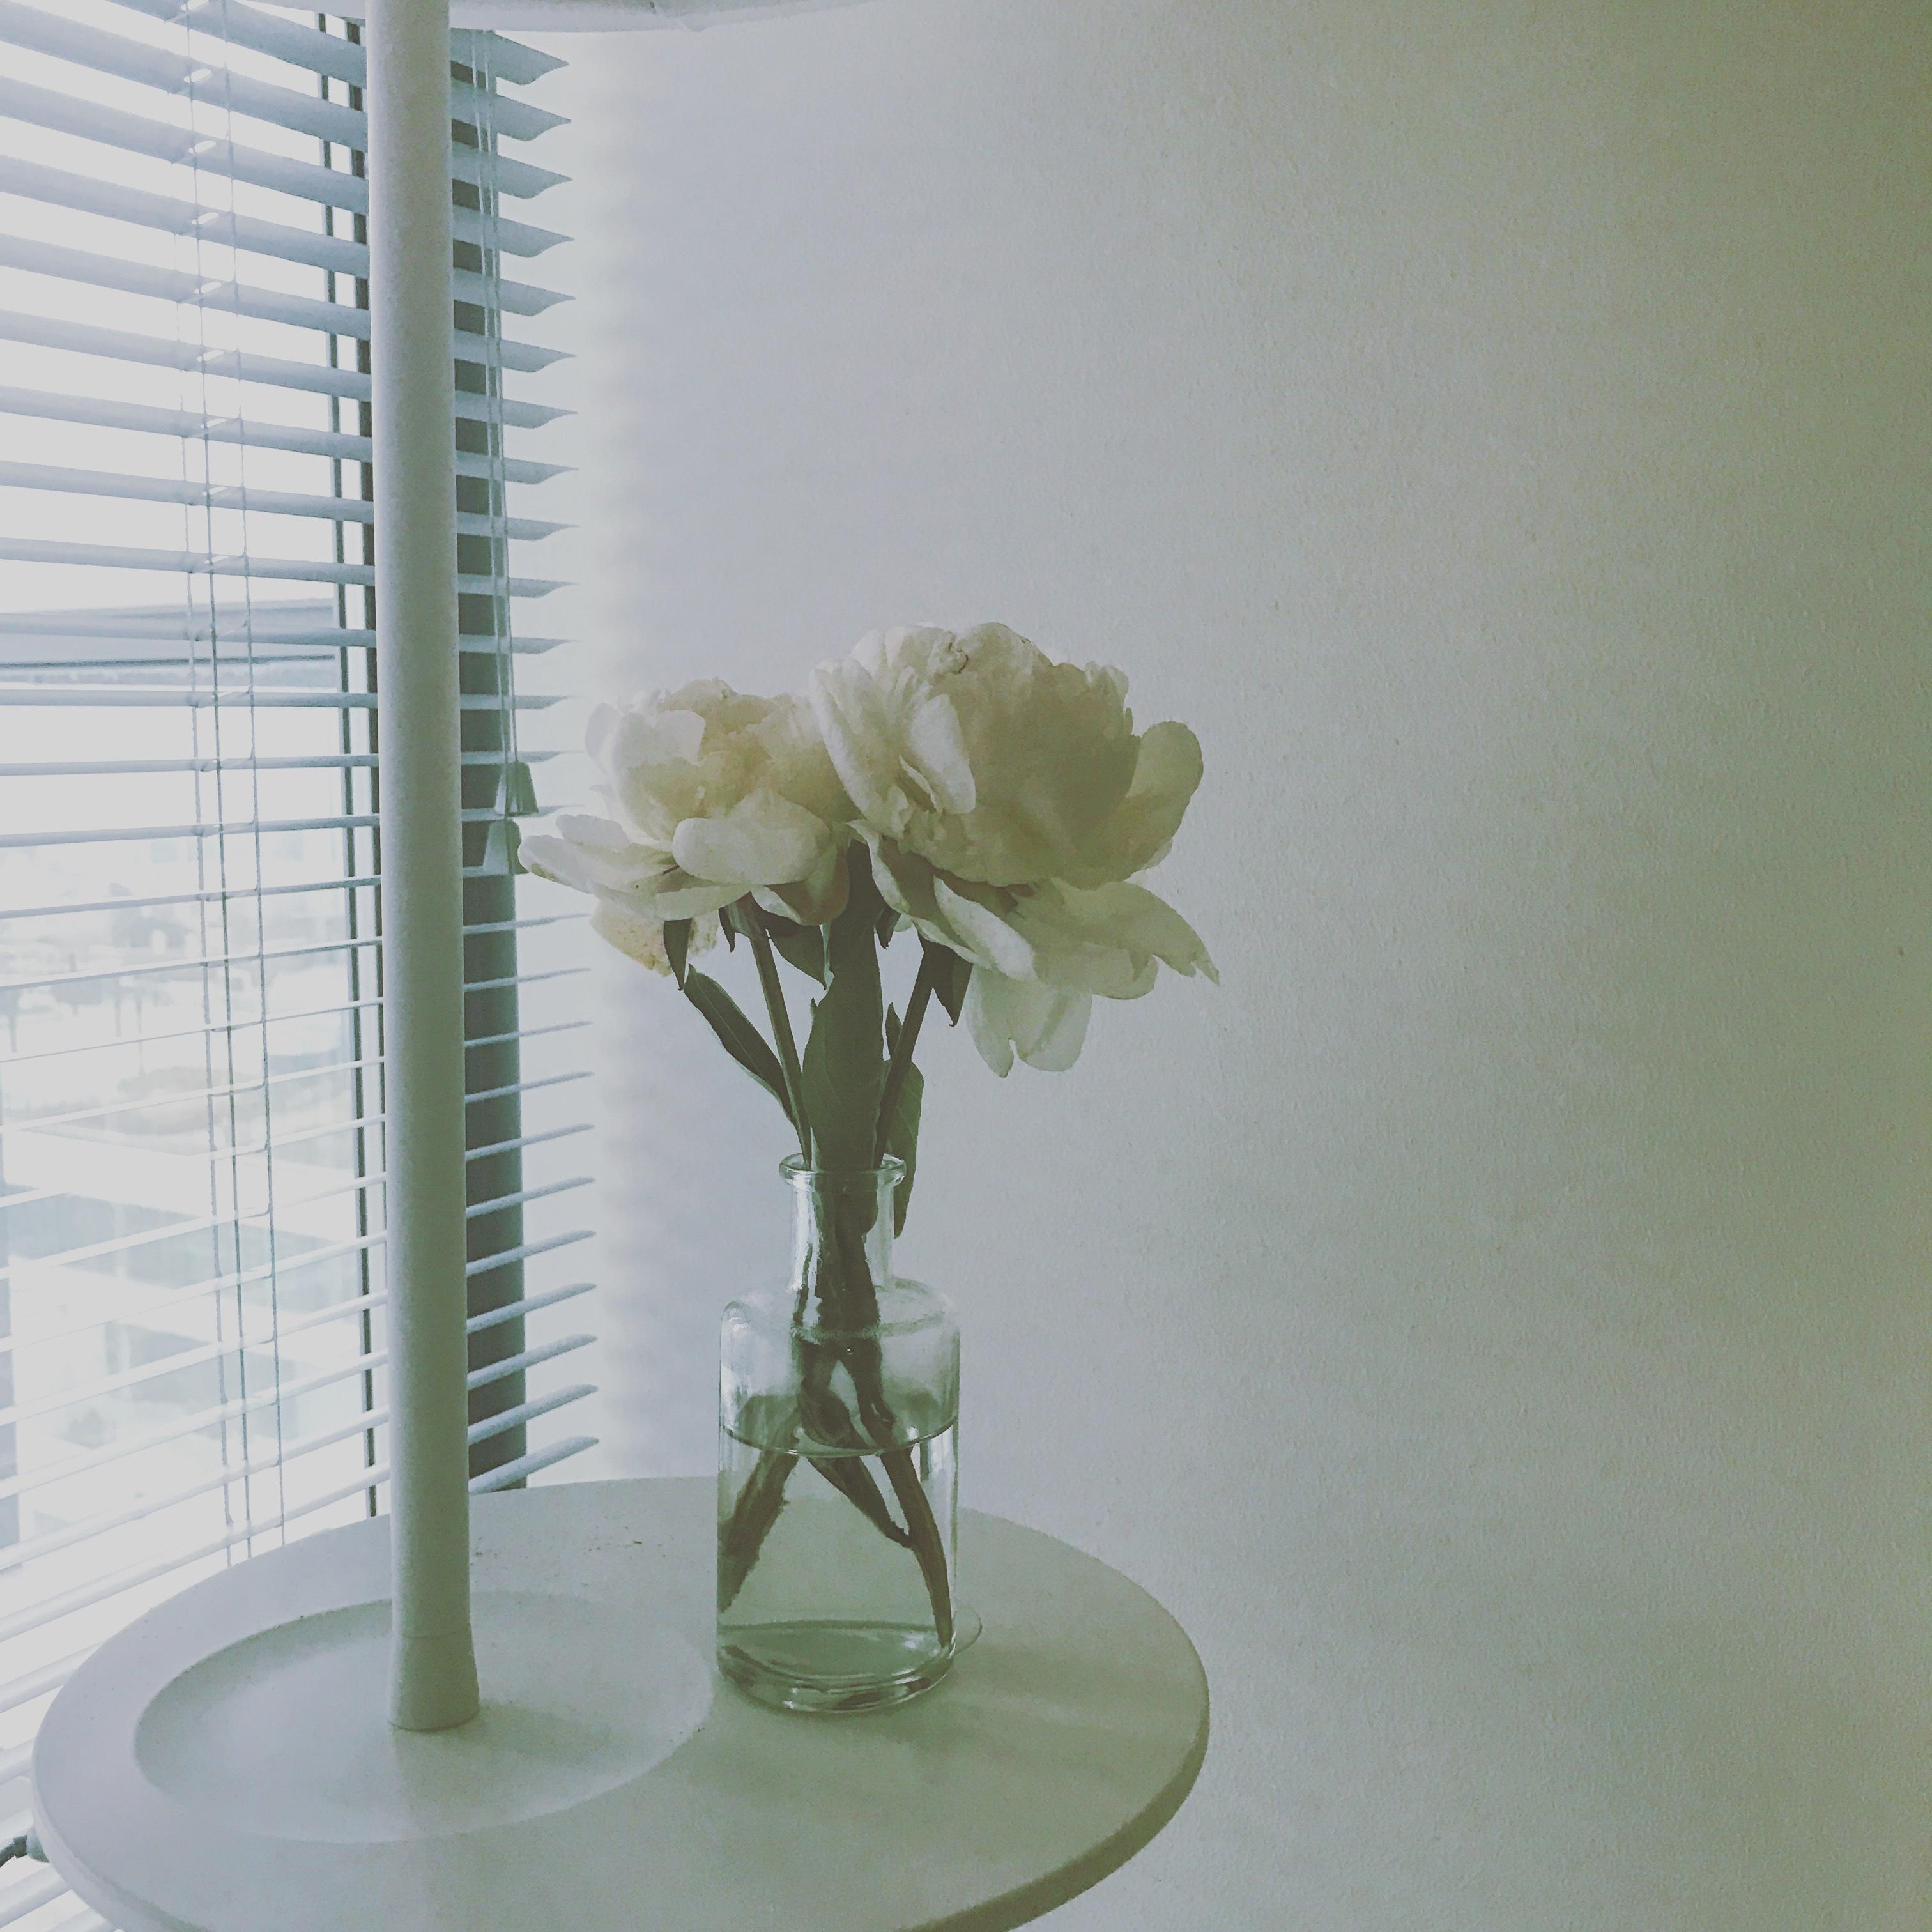 images gratuites fleur verre vase vert clairage mat riel design d 39 int rieur fleuriste. Black Bedroom Furniture Sets. Home Design Ideas